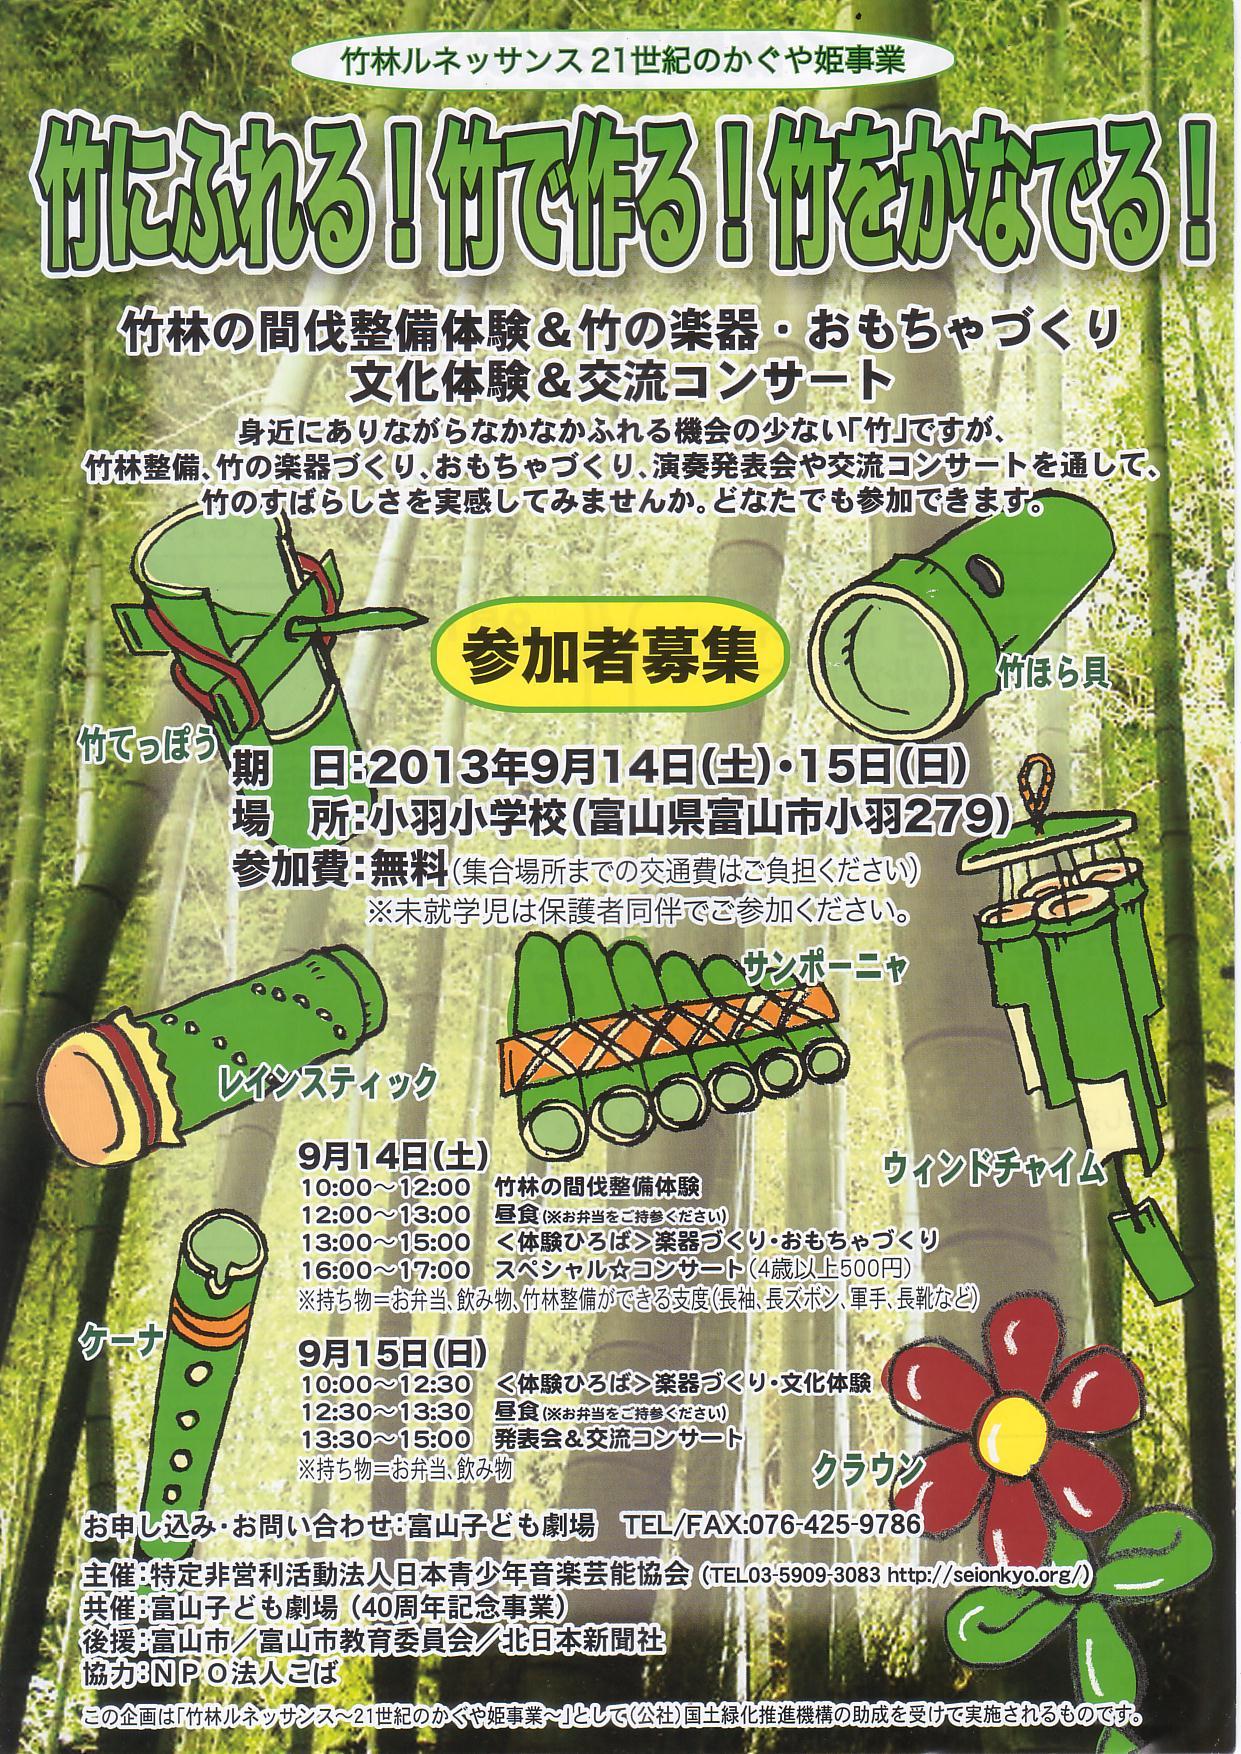 富山県で「21世紀のかぐや姫事業」開催